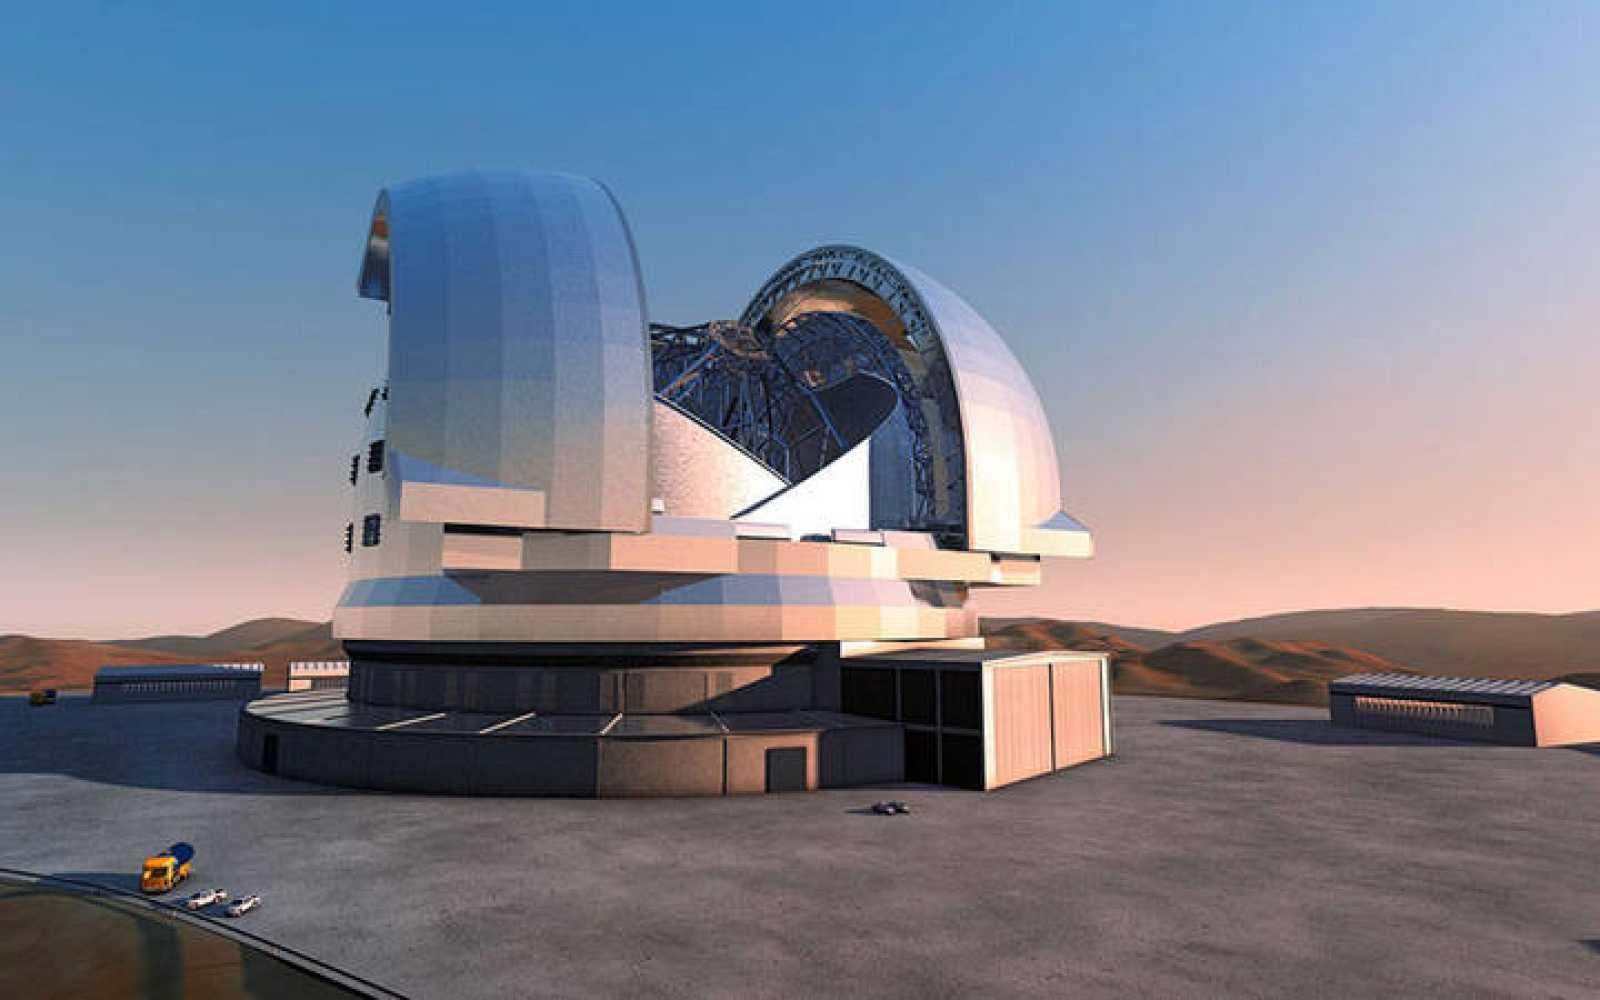 El Telescopio Europeo Extremadamente Grande, cuya construcción comienza